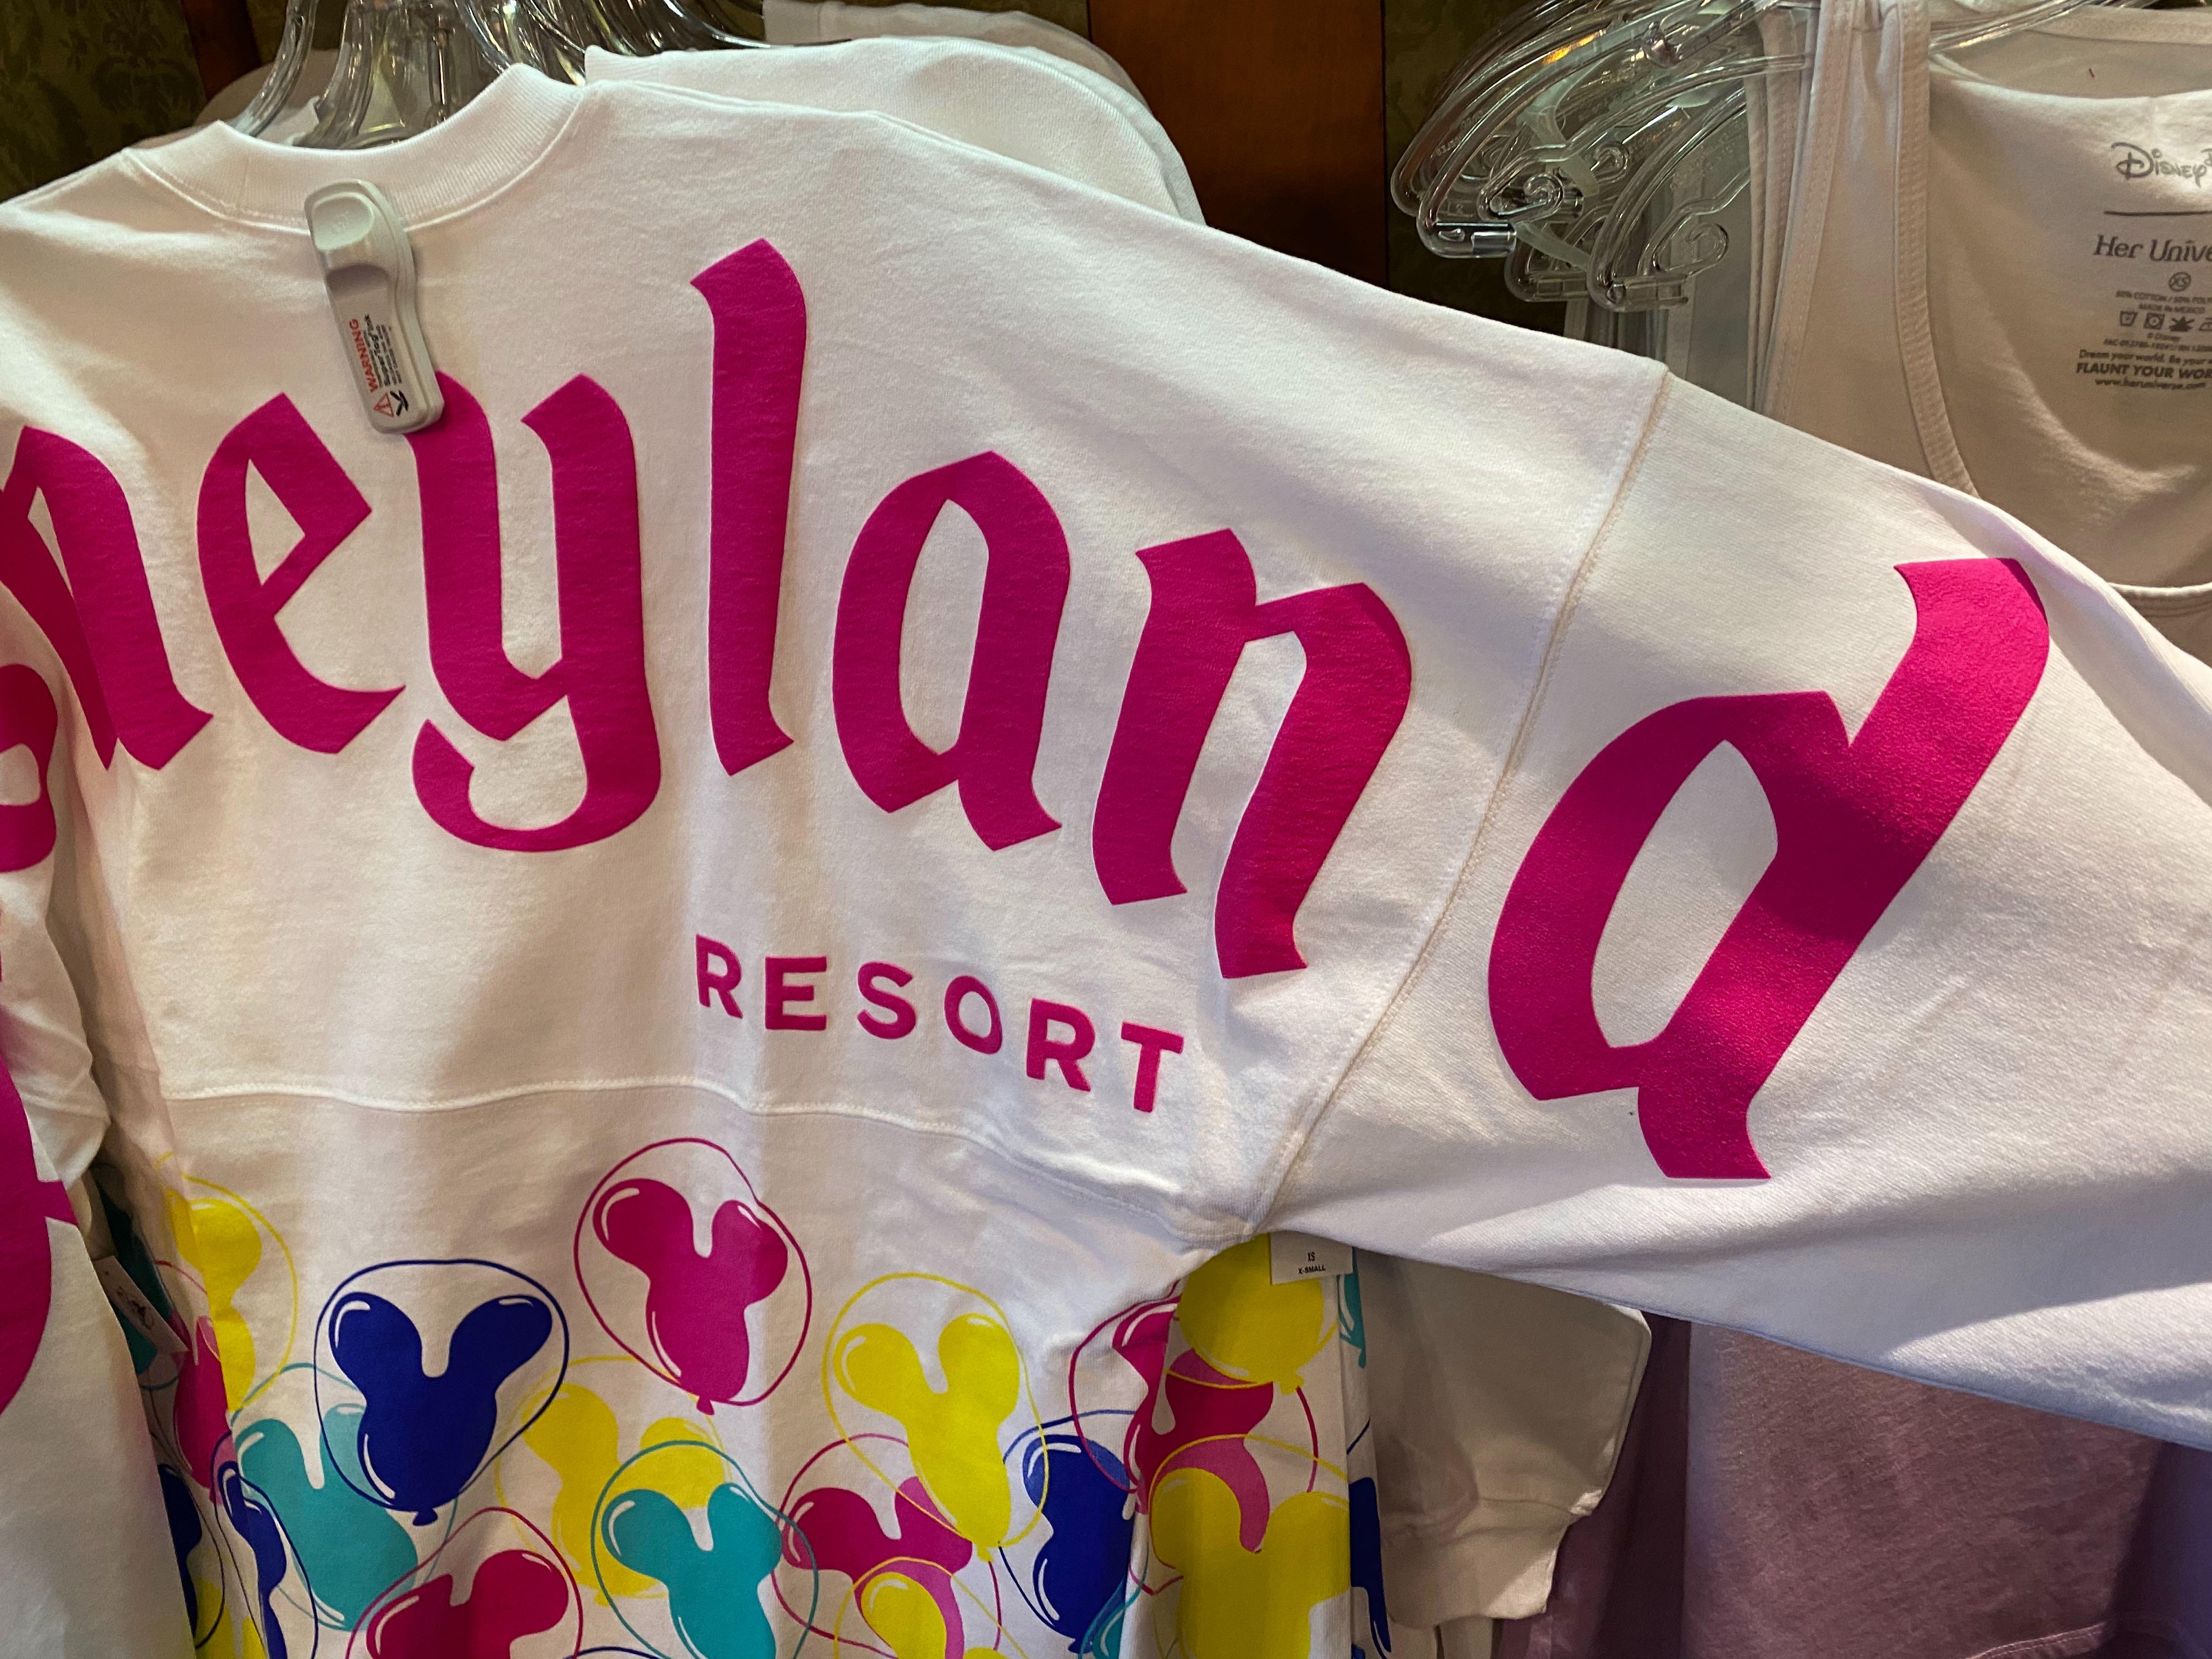 disneyland-spirit-jersey-lavender-balloon-02-23-2020-8.jpg